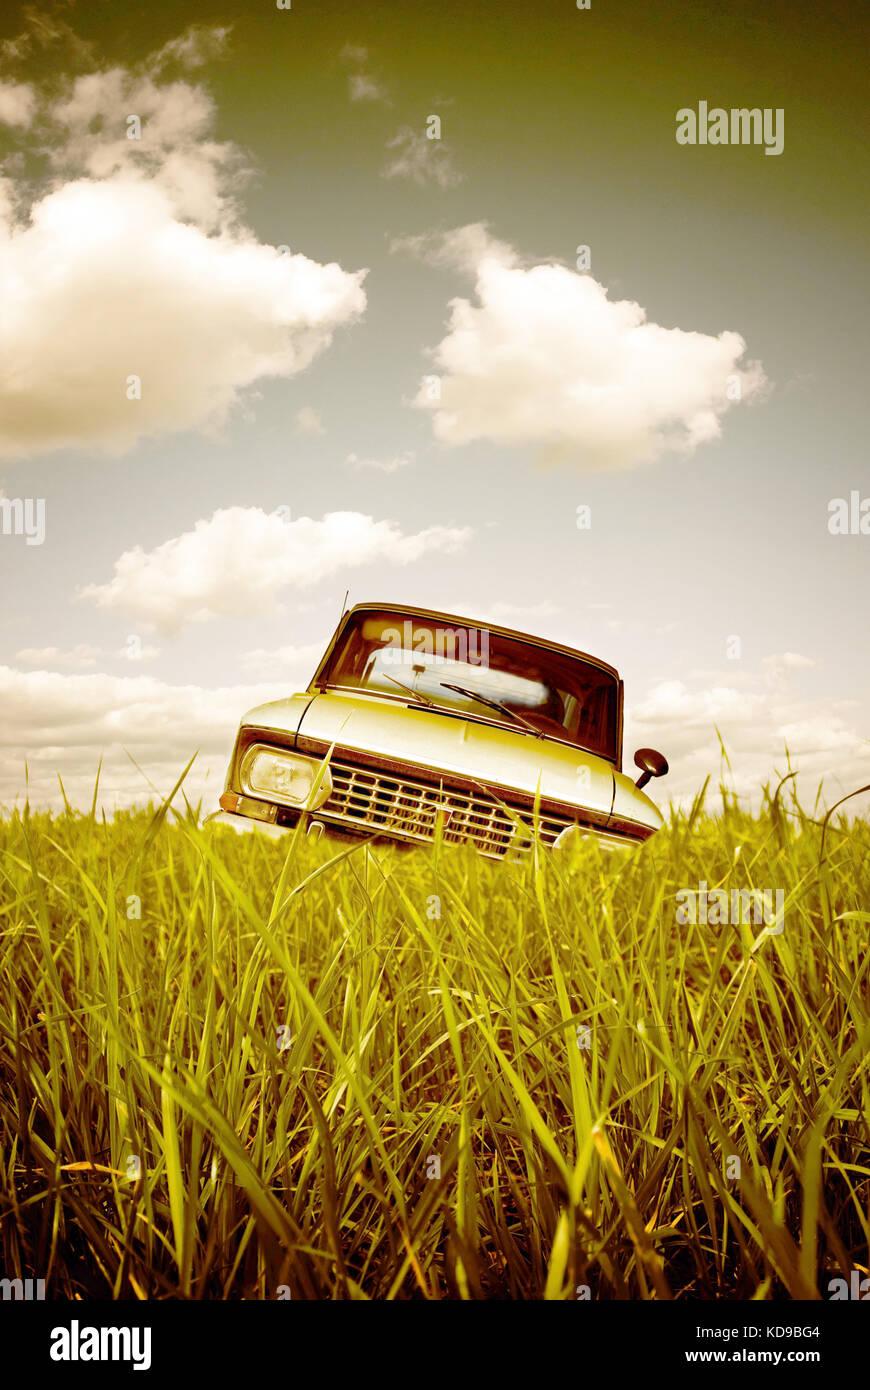 Vieille voiture abandonnée dans un pré Photo Stock